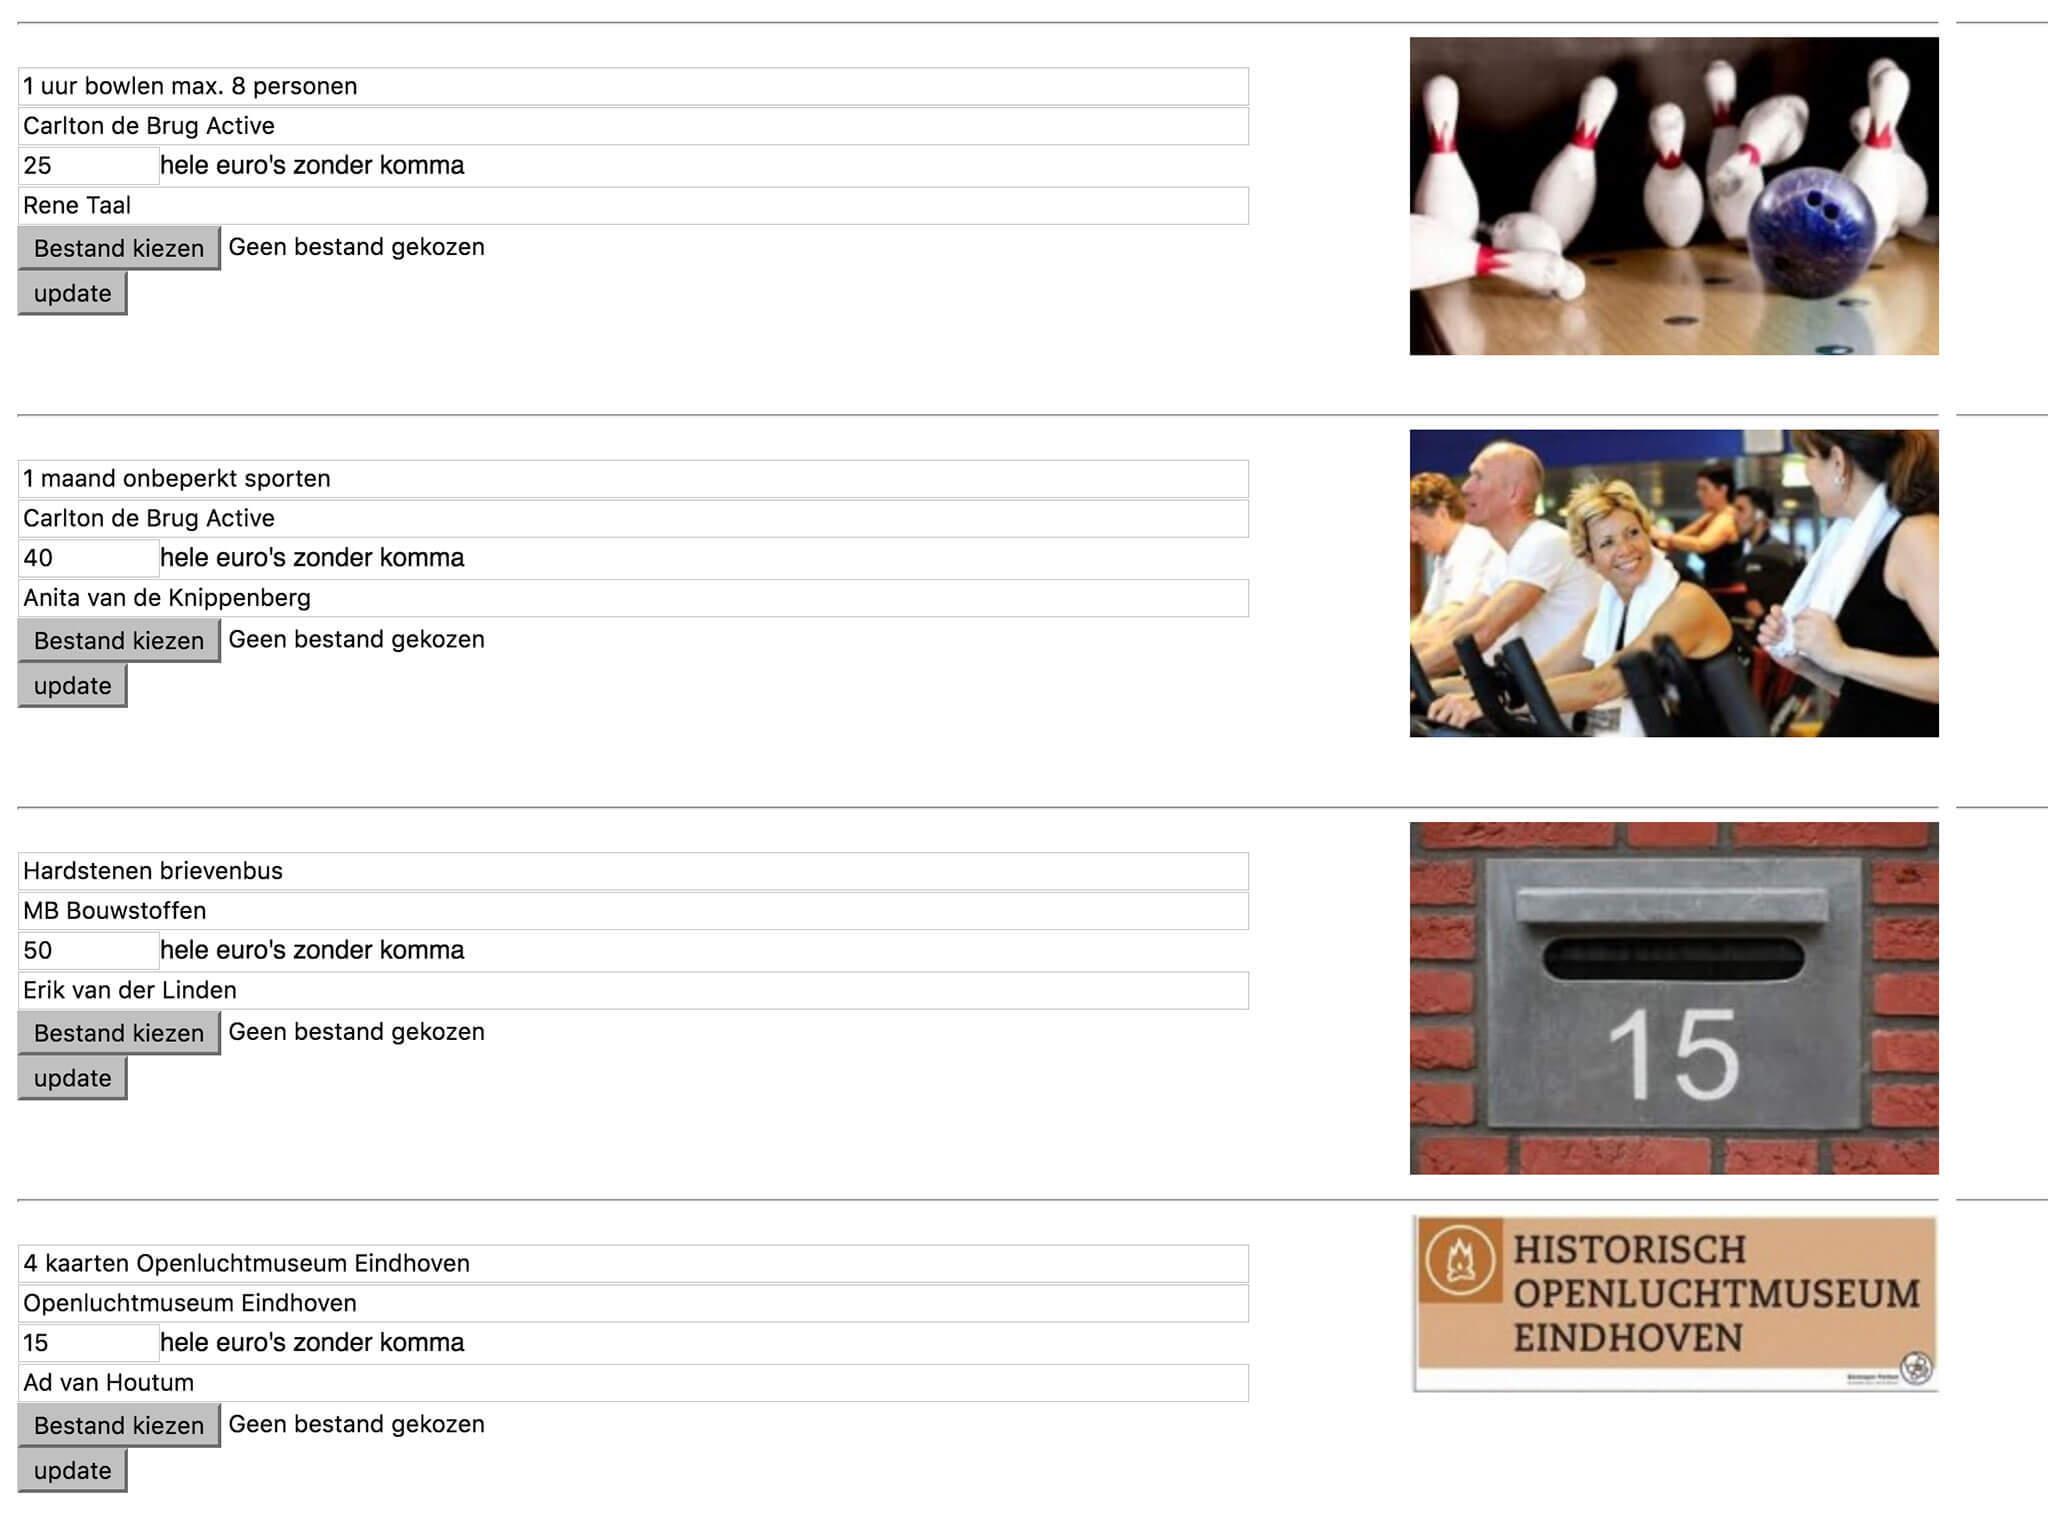 Veiling de Kersepit informatiescherm preview beheer